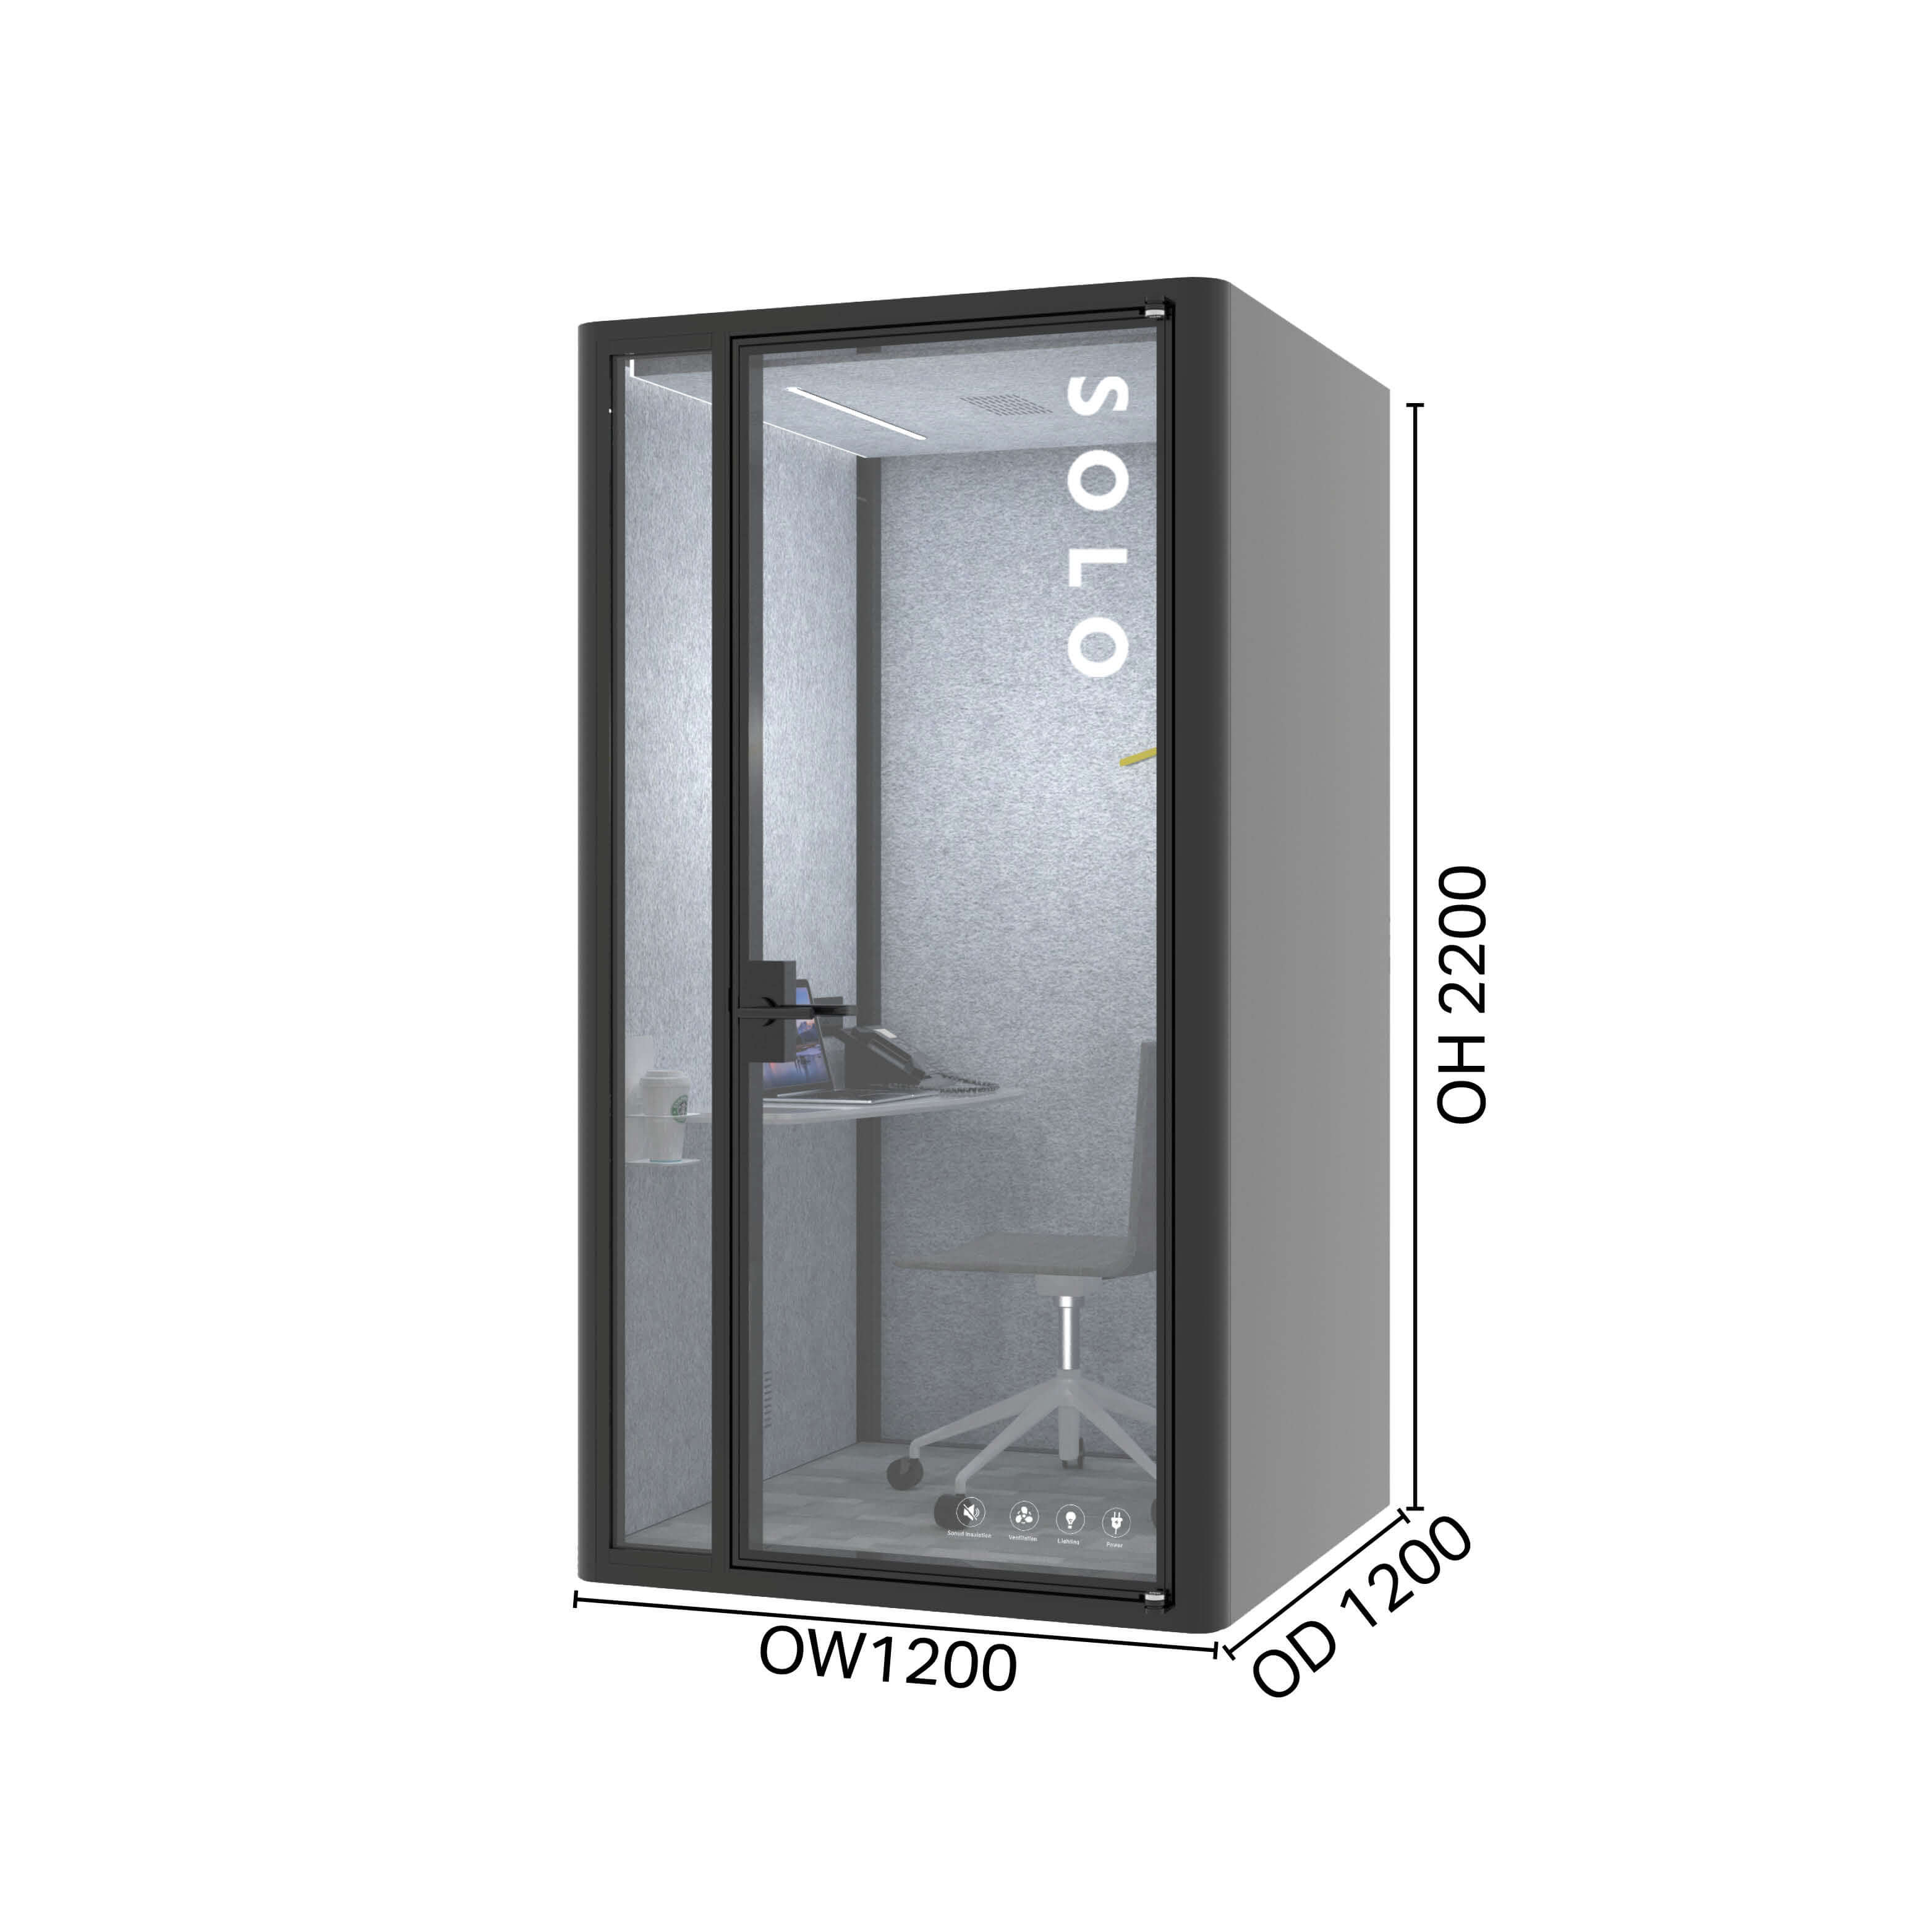 Lull Privacy pod - Solo